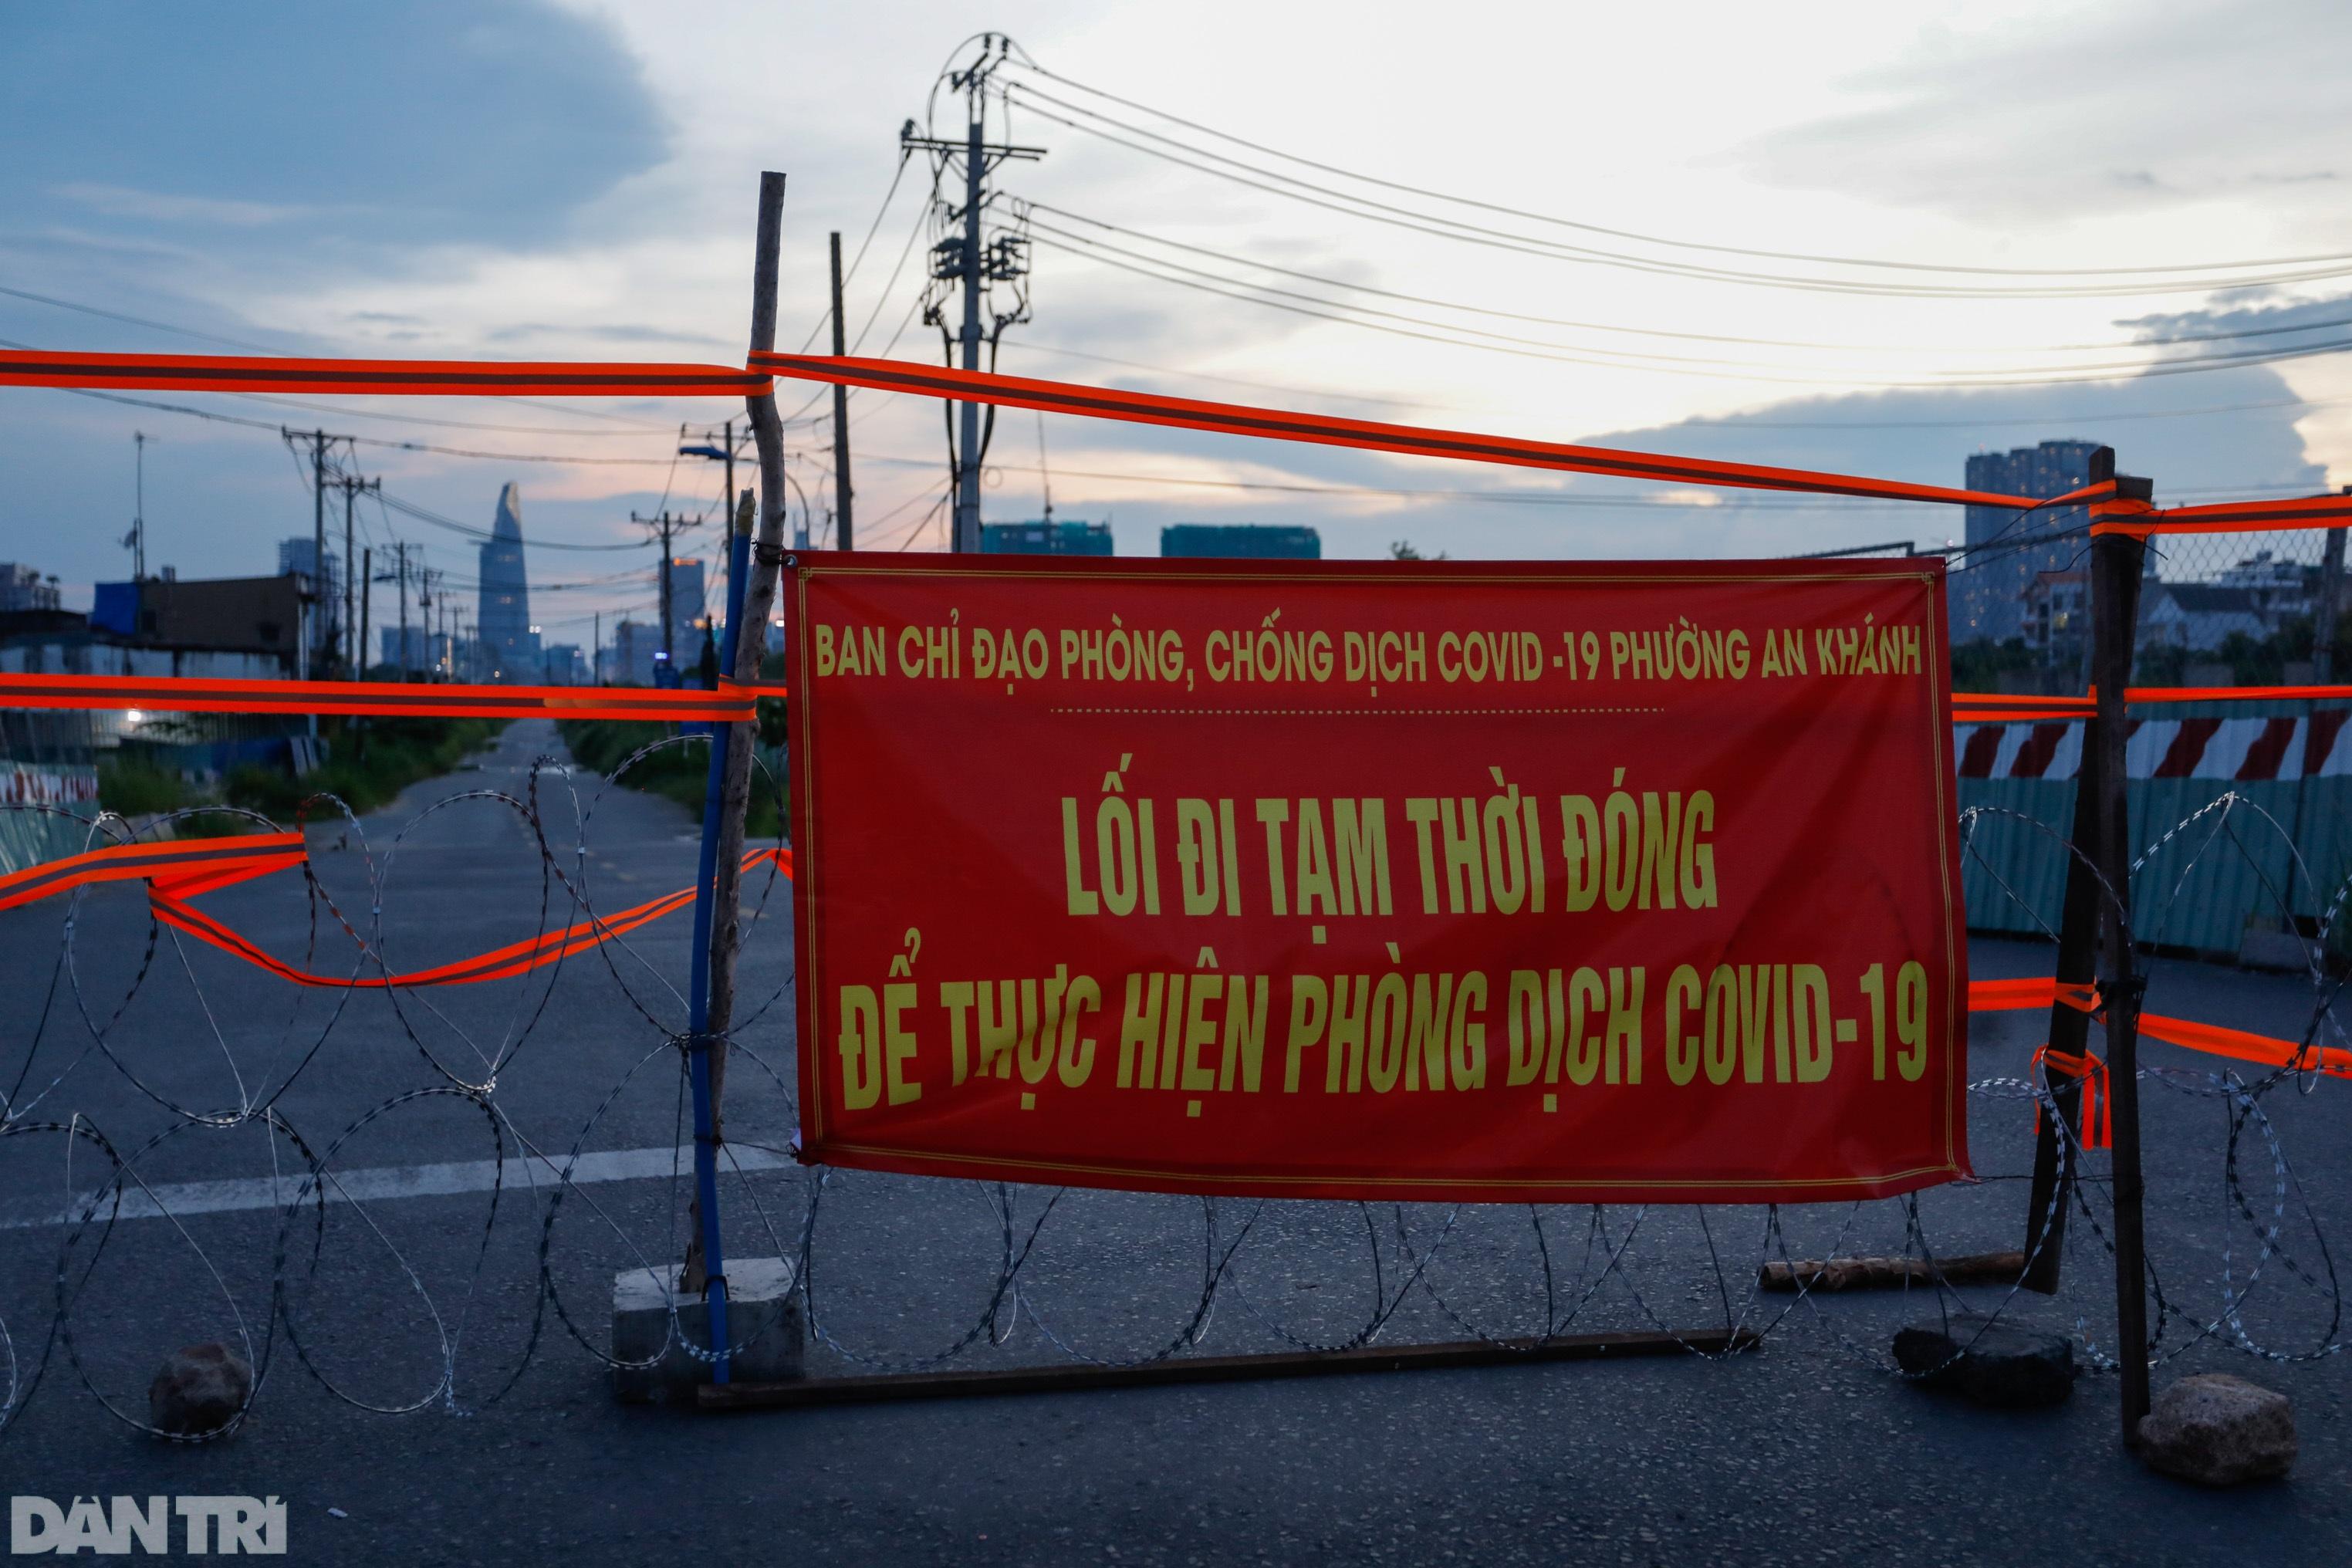 Hẻm nhỏ ở TPHCM dỡ chốt phong tỏa, đường lớn vẫn rào chắn kín mít - 9